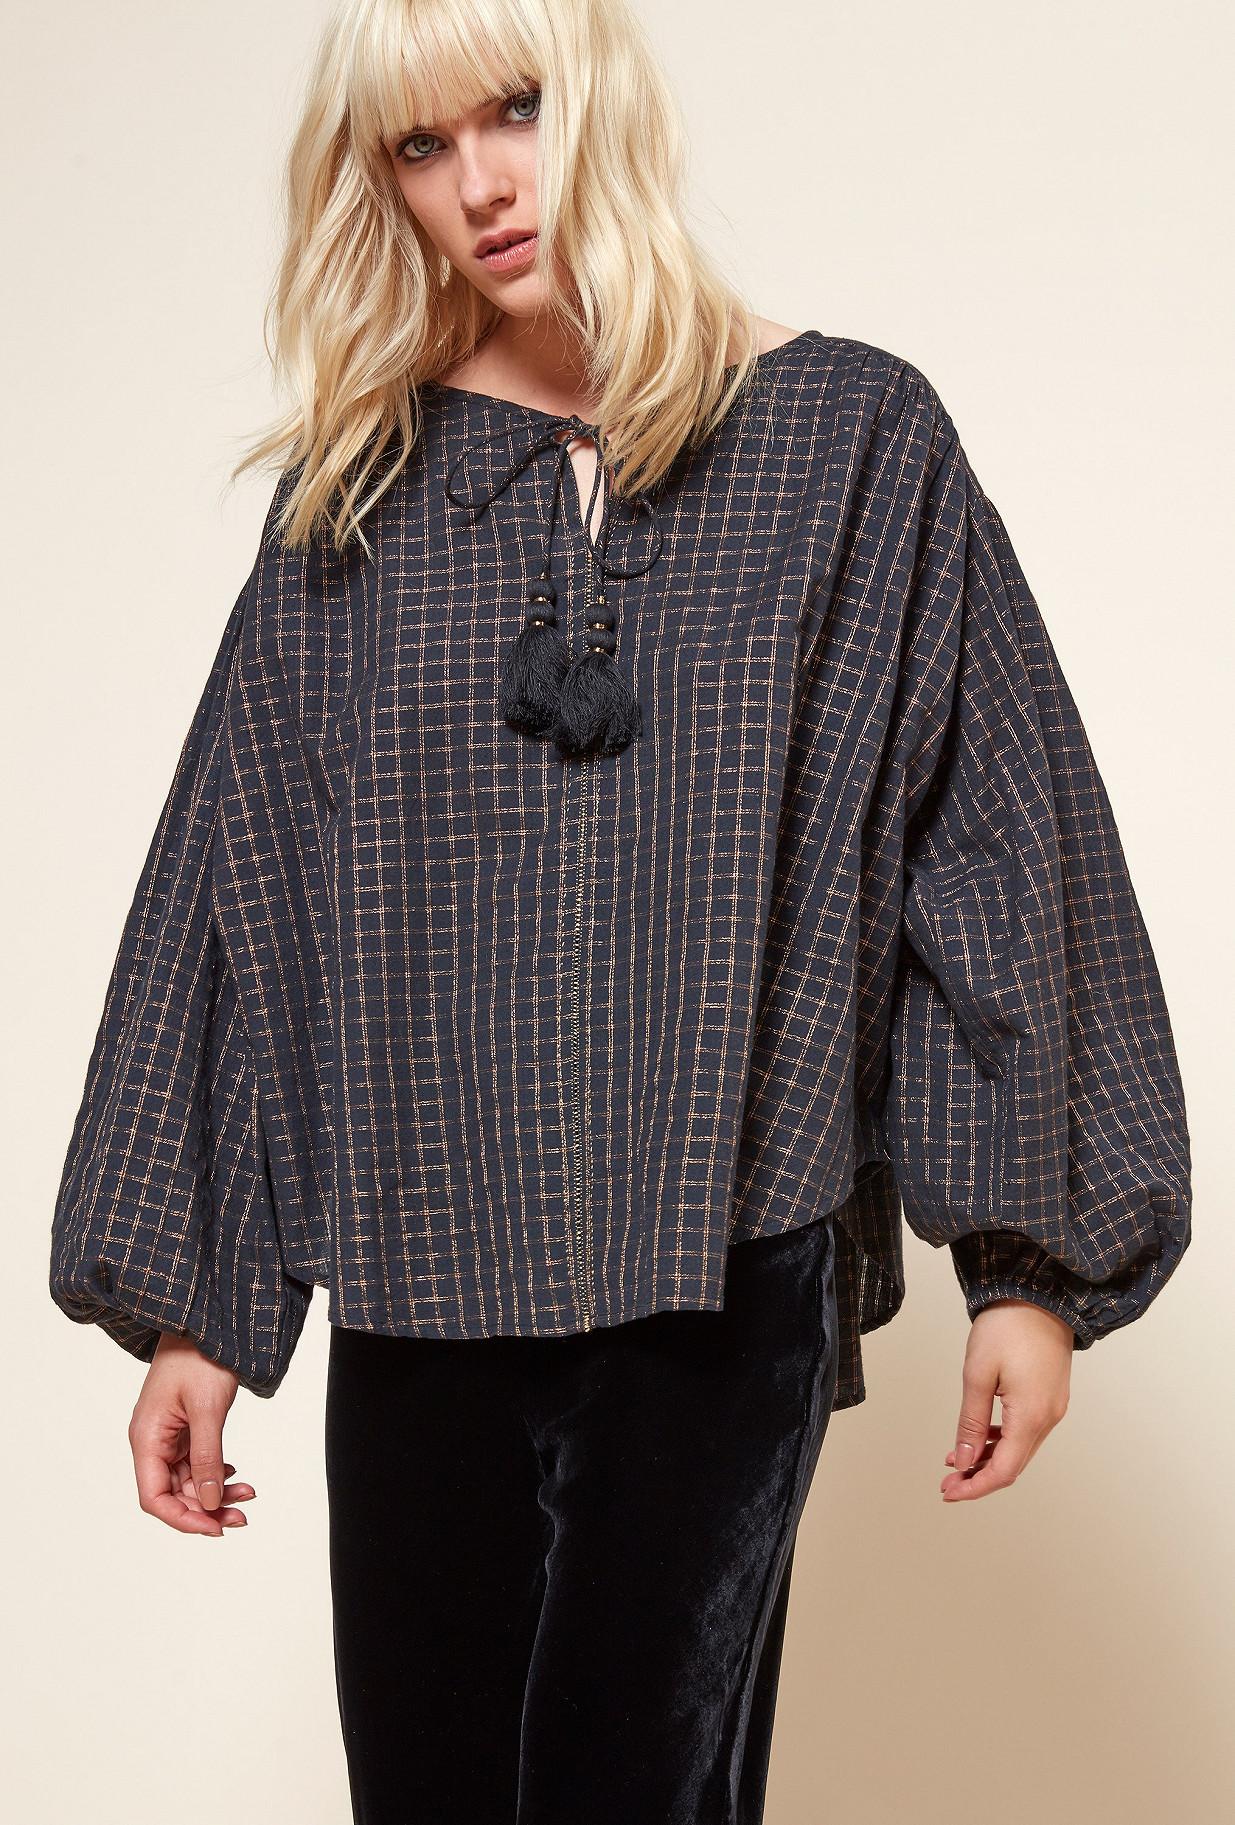 Black  Blouse  Senator Mes demoiselles fashion clothes designer Paris